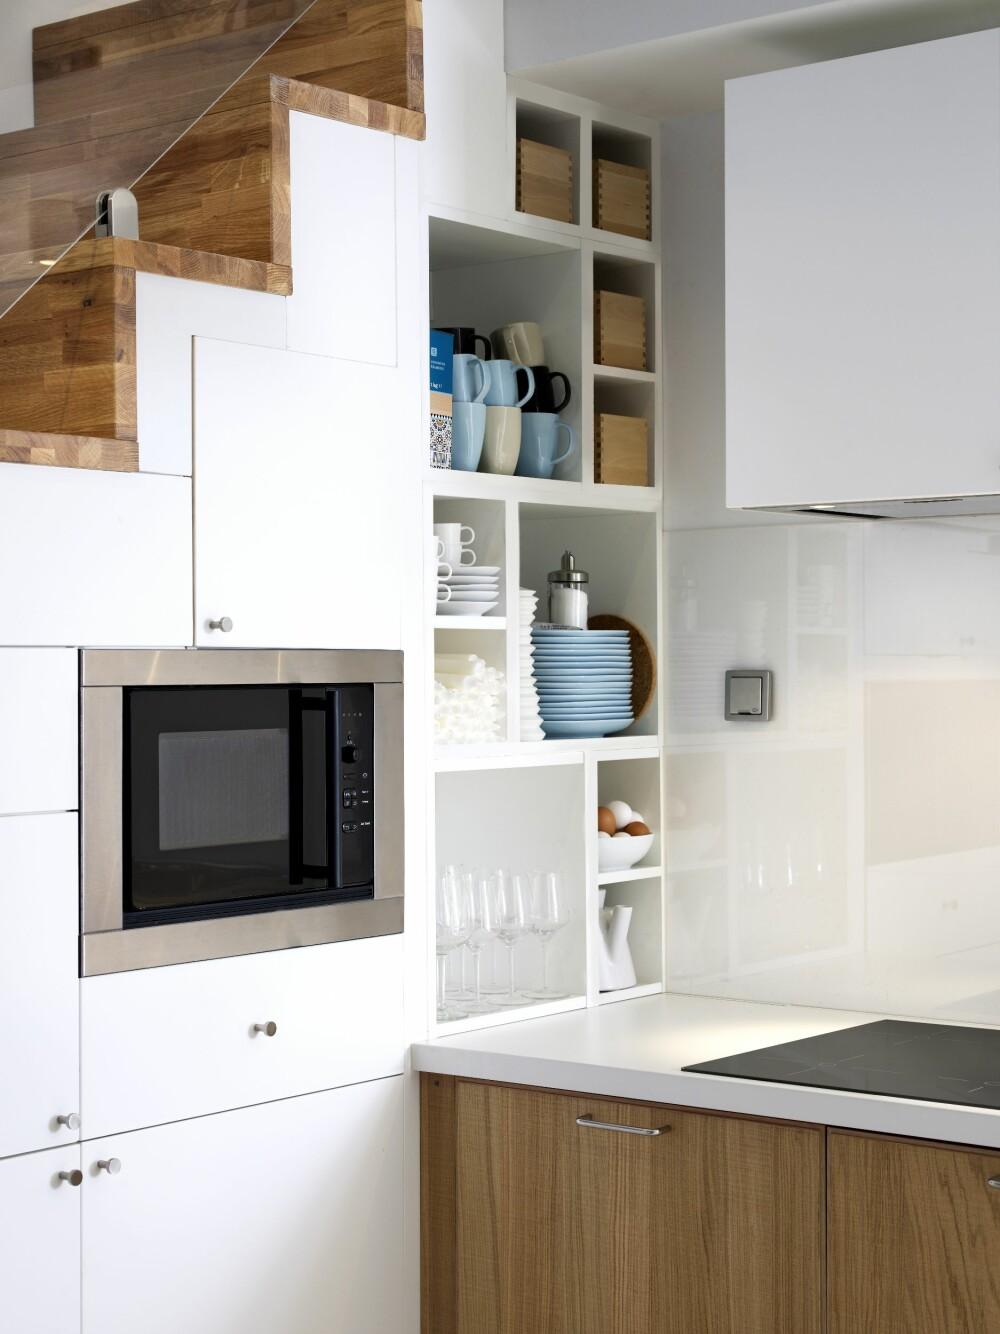 KJØKKEN UNDER TRAPPA: For maksimal plassutnyttelse kan du rett og slett plassere kjøkkenet under trappa.